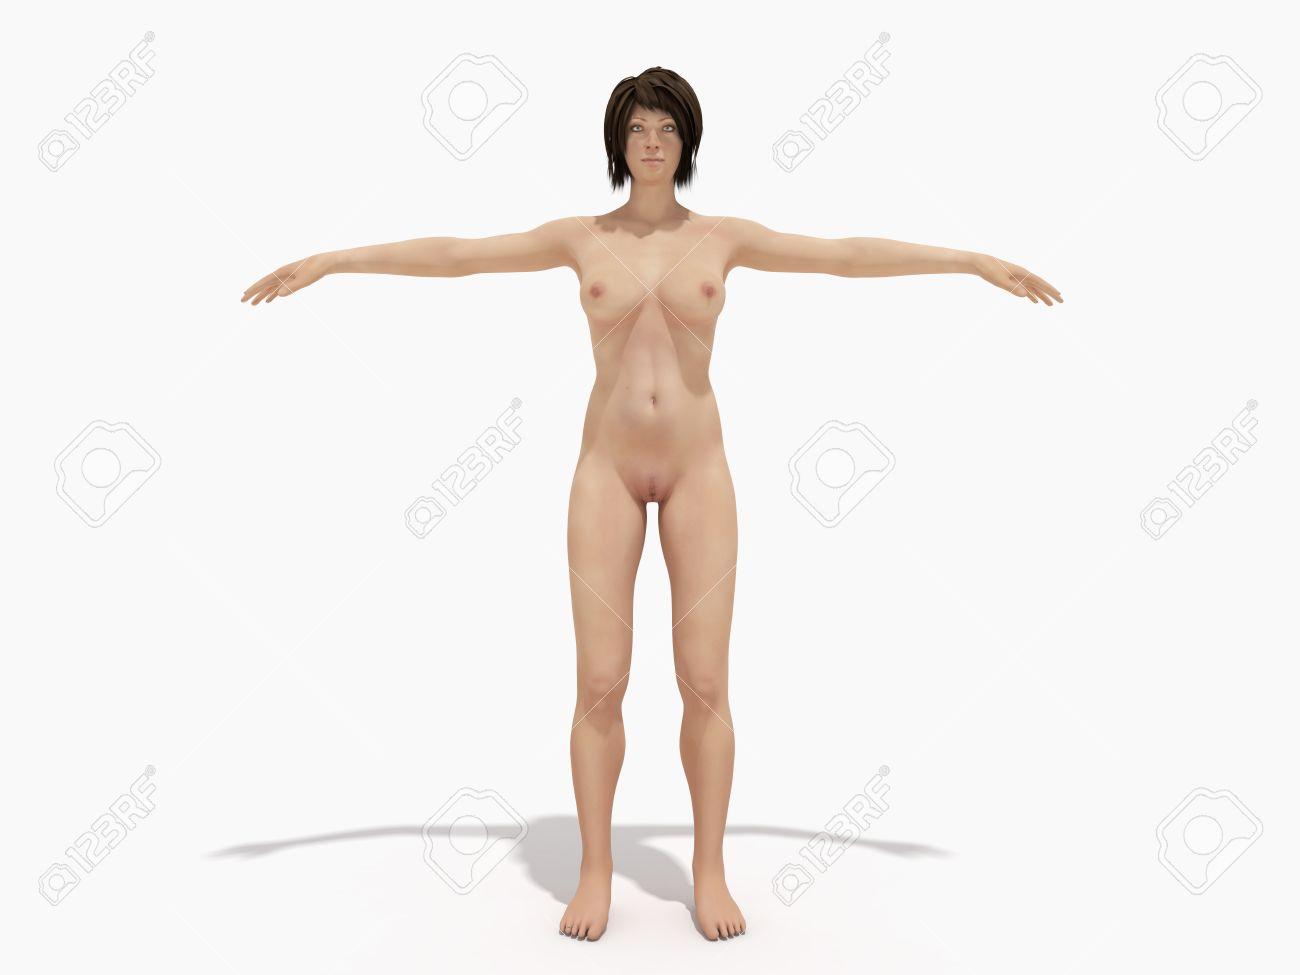 Un Cuerpo De Mujer Para Libros Sobre Anatomía 3d Render En Blanco ...